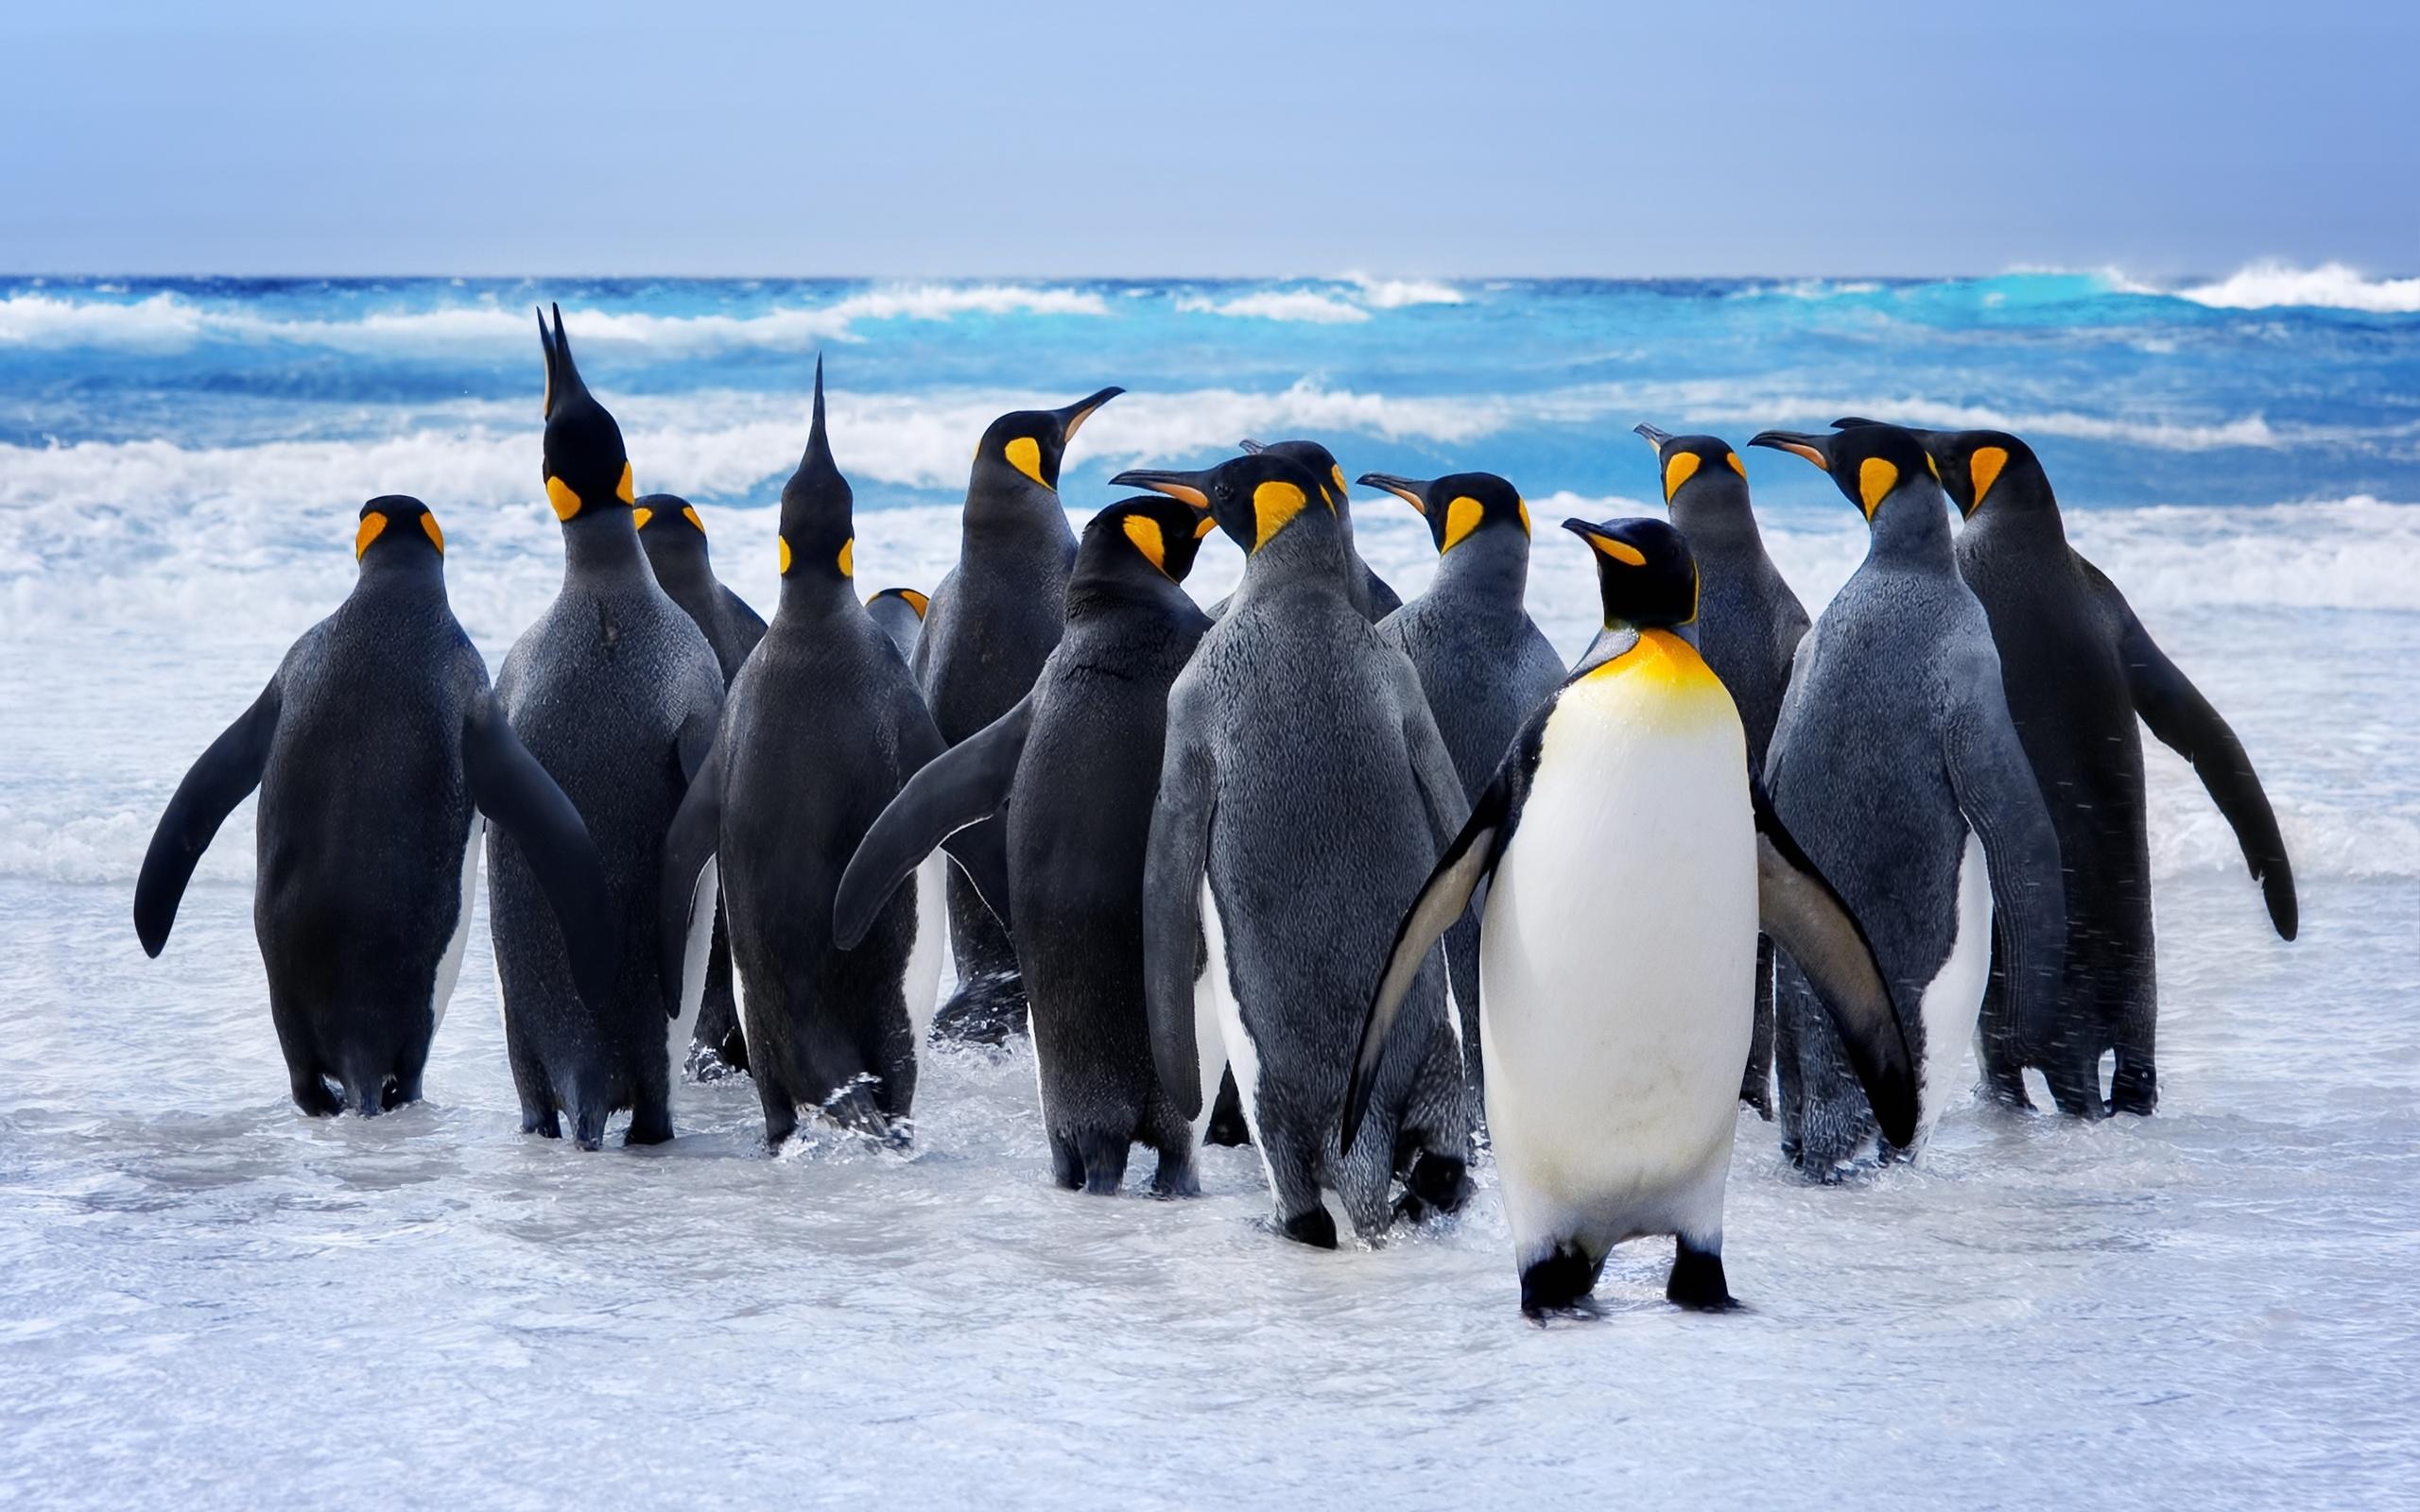 картинки про человека пингвина вообще если